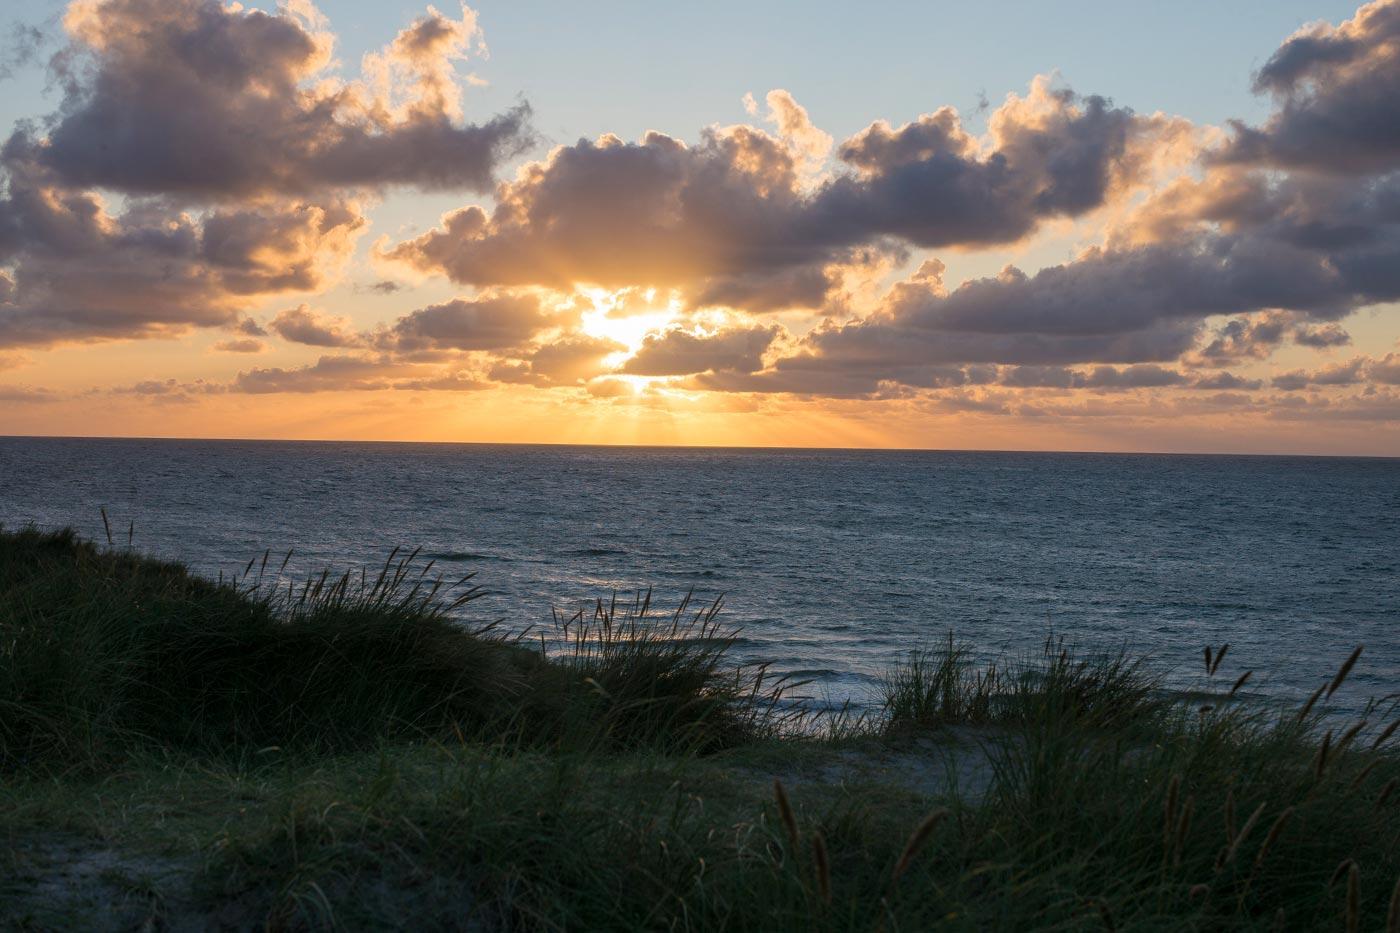 Sonnenuntergang auf Sylt am Weststrand.